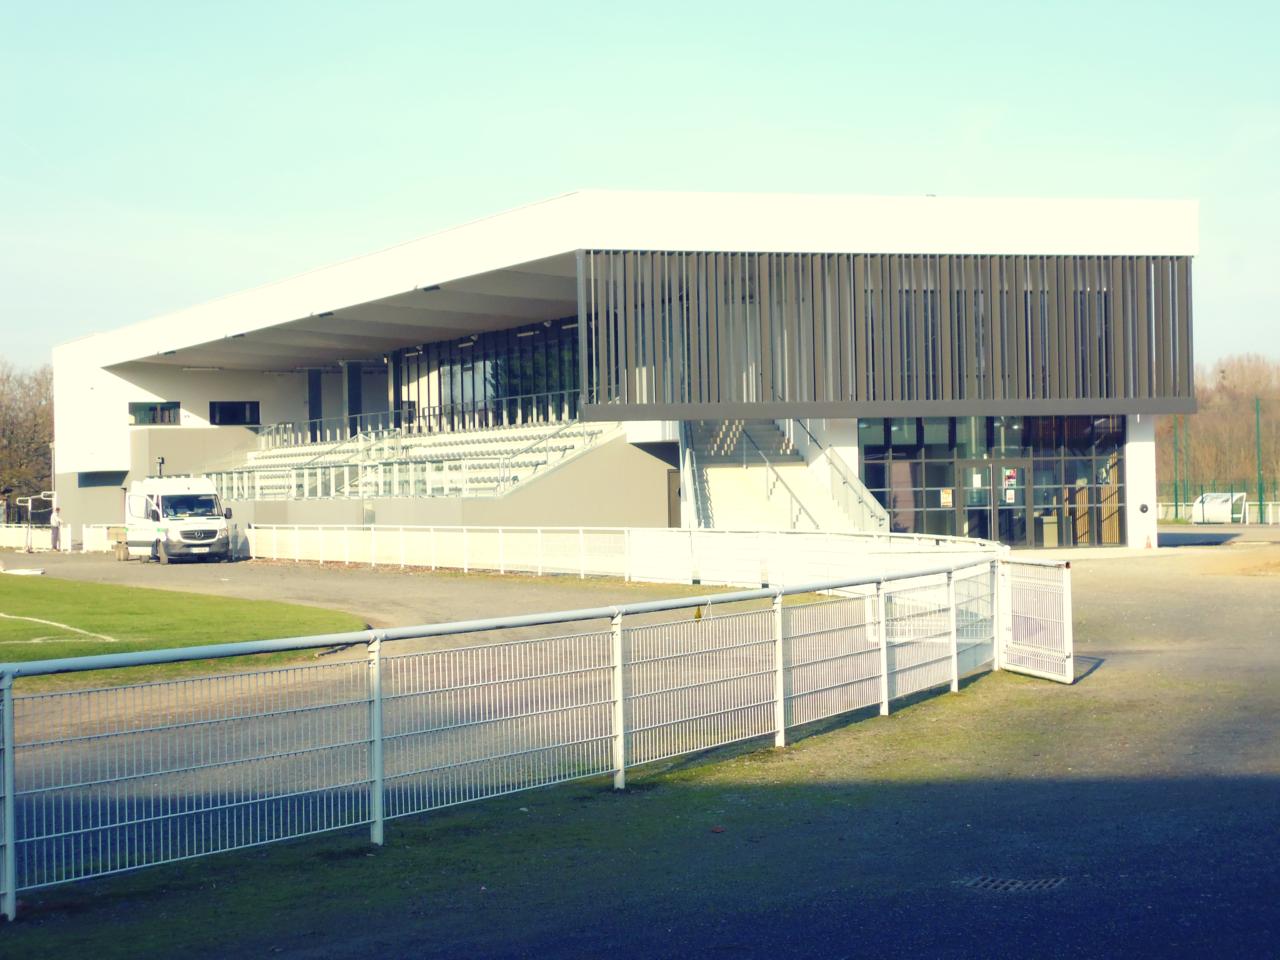 Stade de Basse-Goulaine